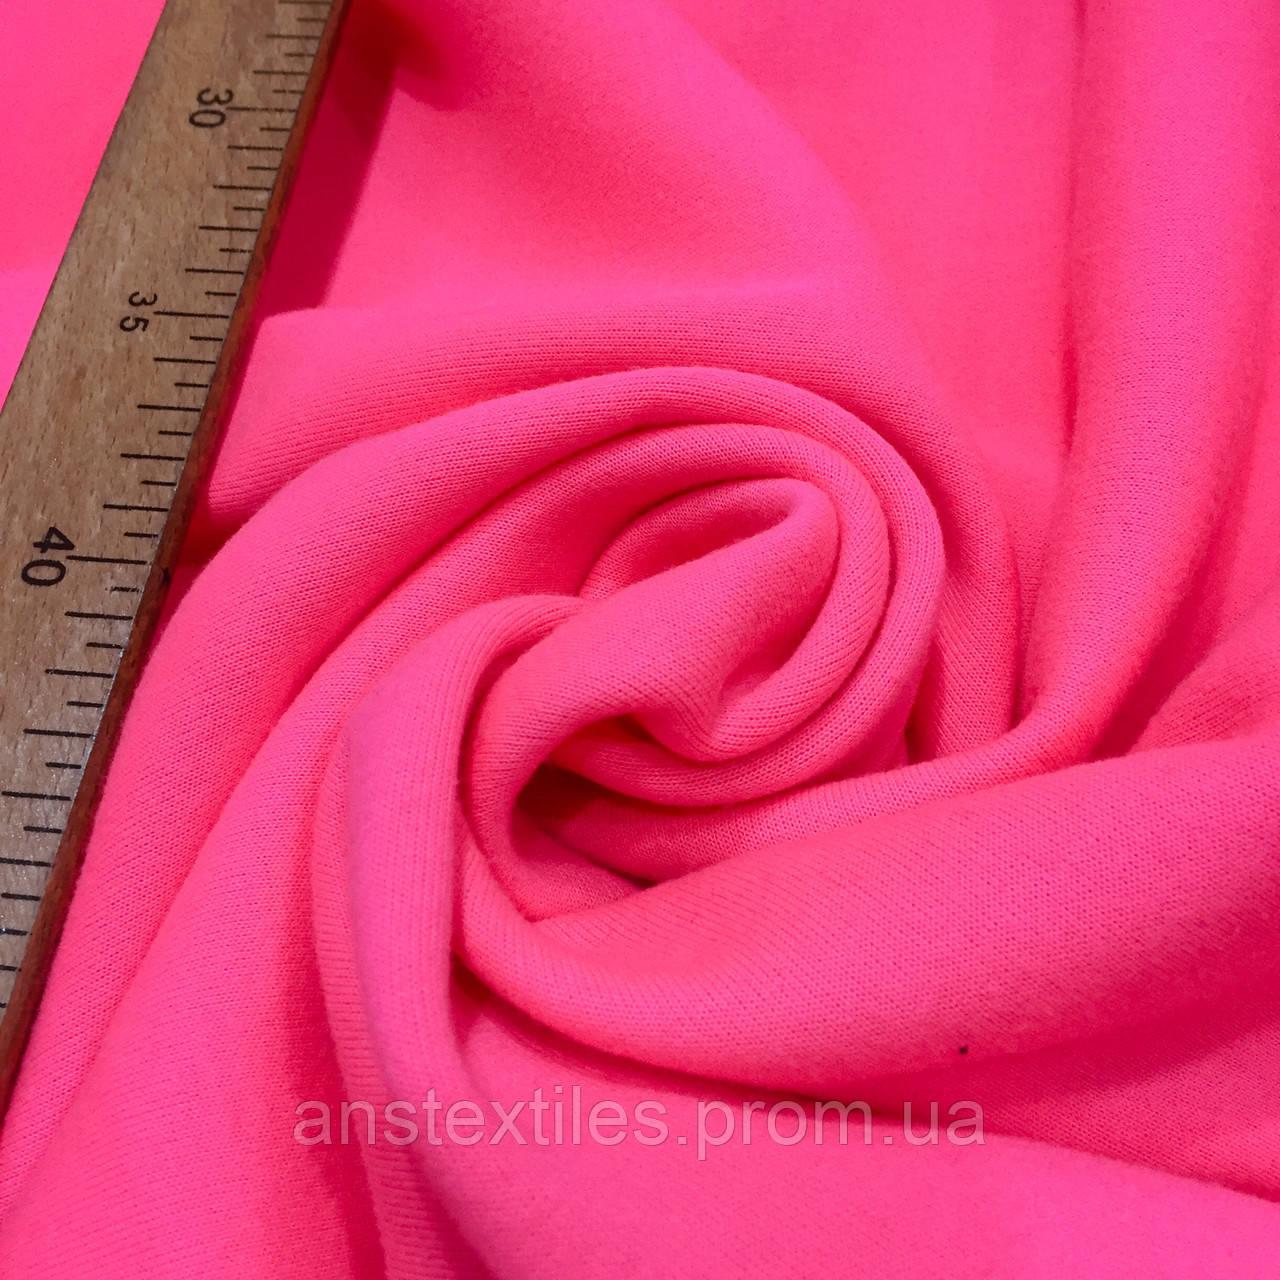 Трёхнитка яркий розовый